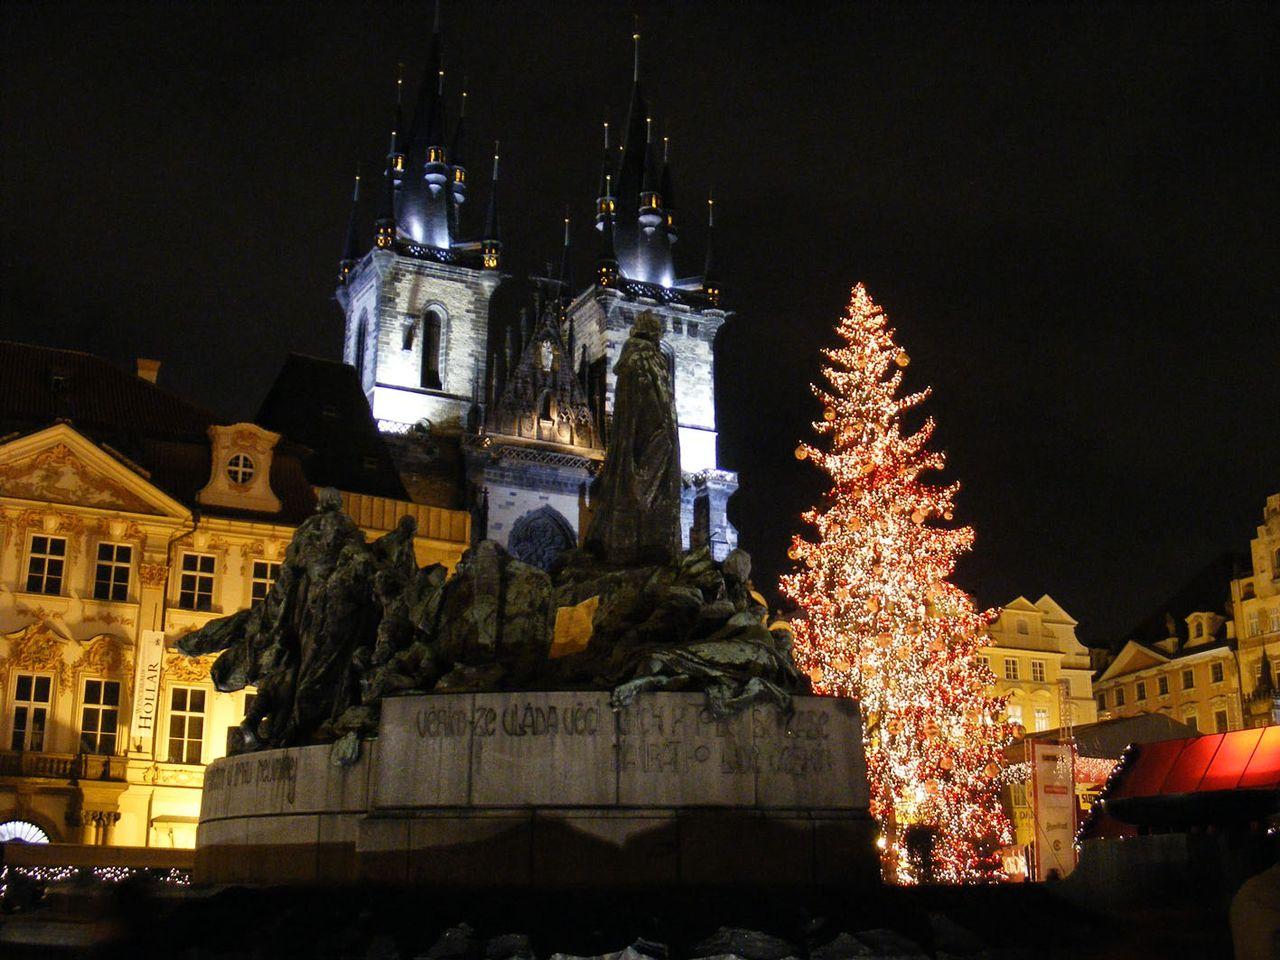 К Рождеству в Праге начинают готовится заранее, ещё в ноябре.  В это время начинают украшать улицы, витрины магазинов...